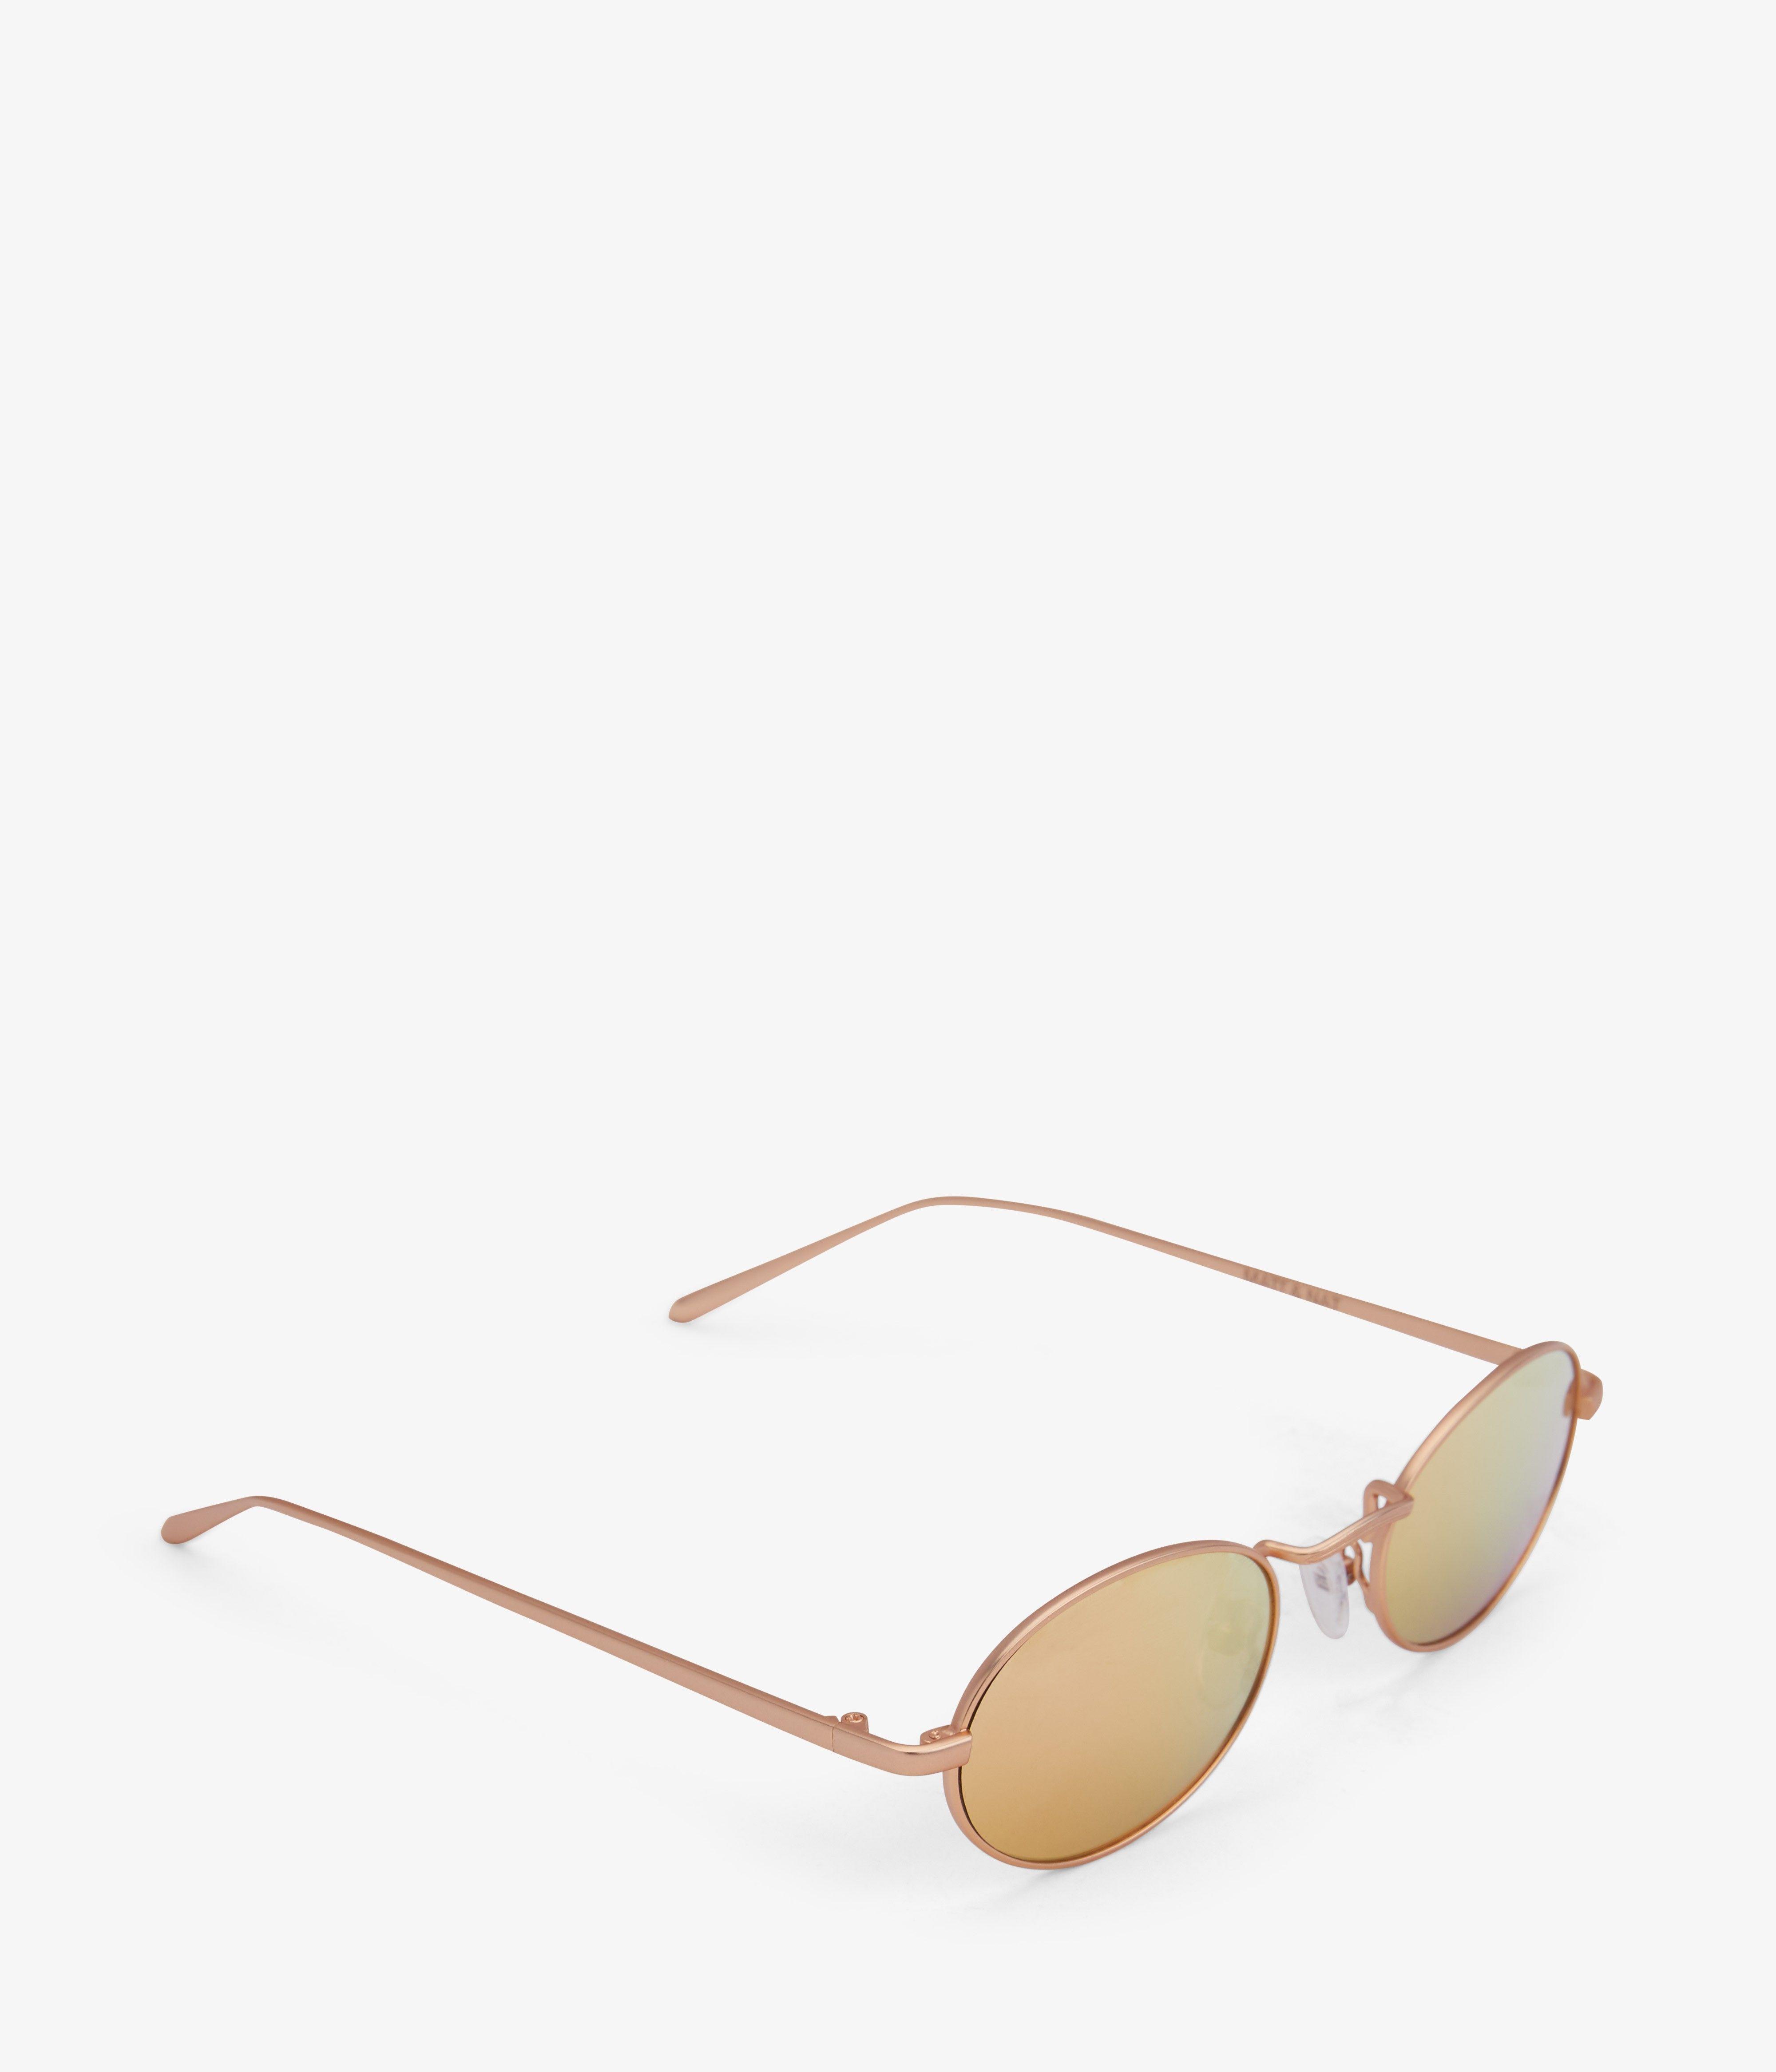 ALIZ Sunglasses - Rose | MATERIALISM <3 in 2019 | Glasses